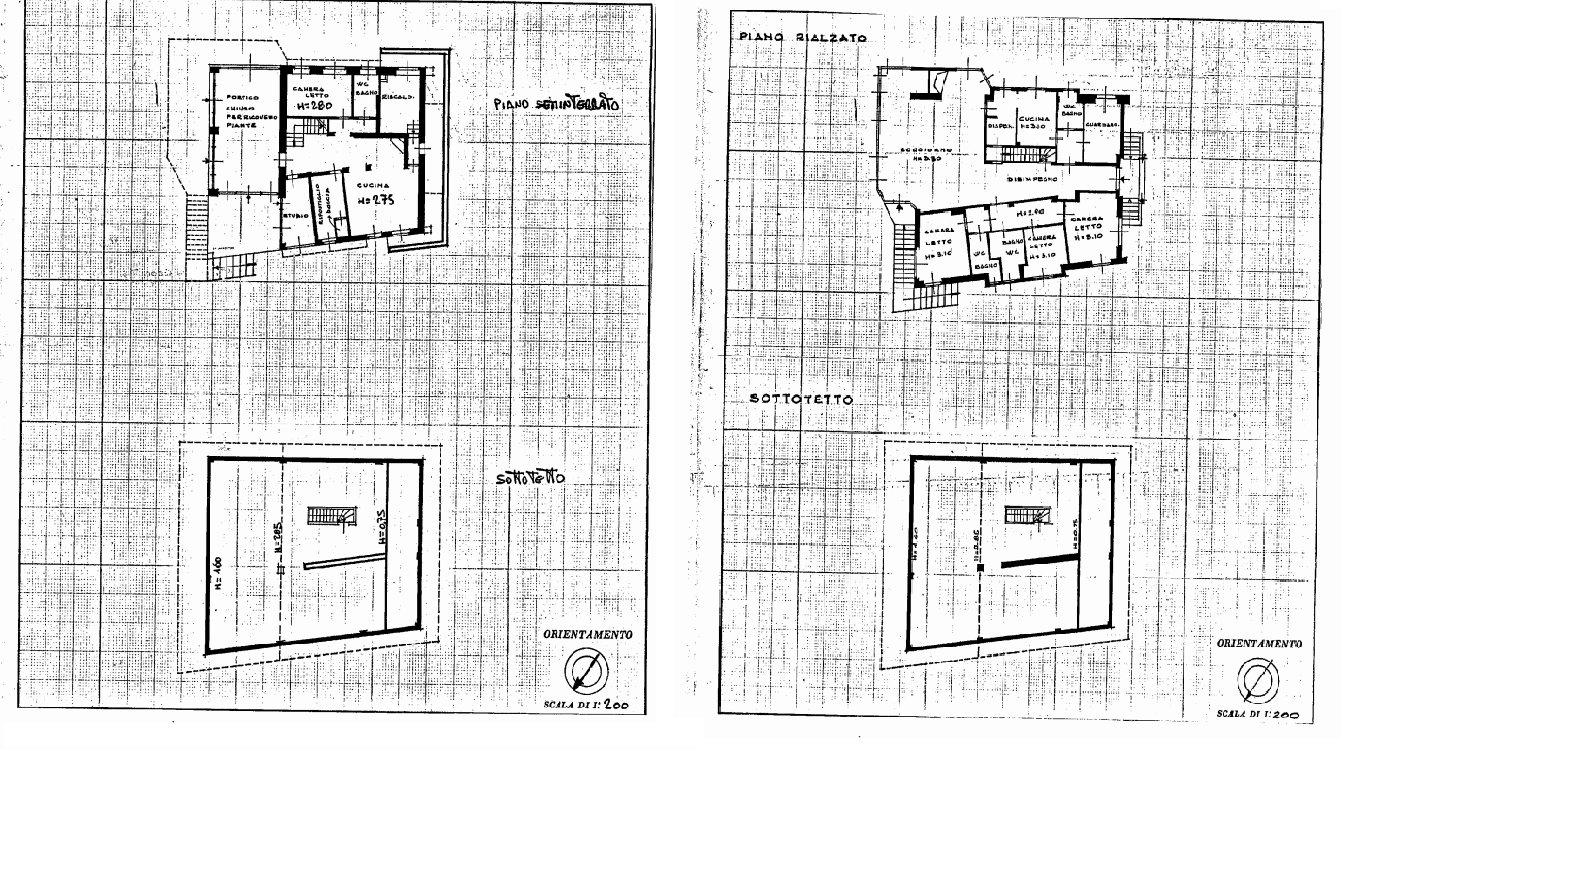 Villa signorile in vendita a Stresa con giardino - planimetria A